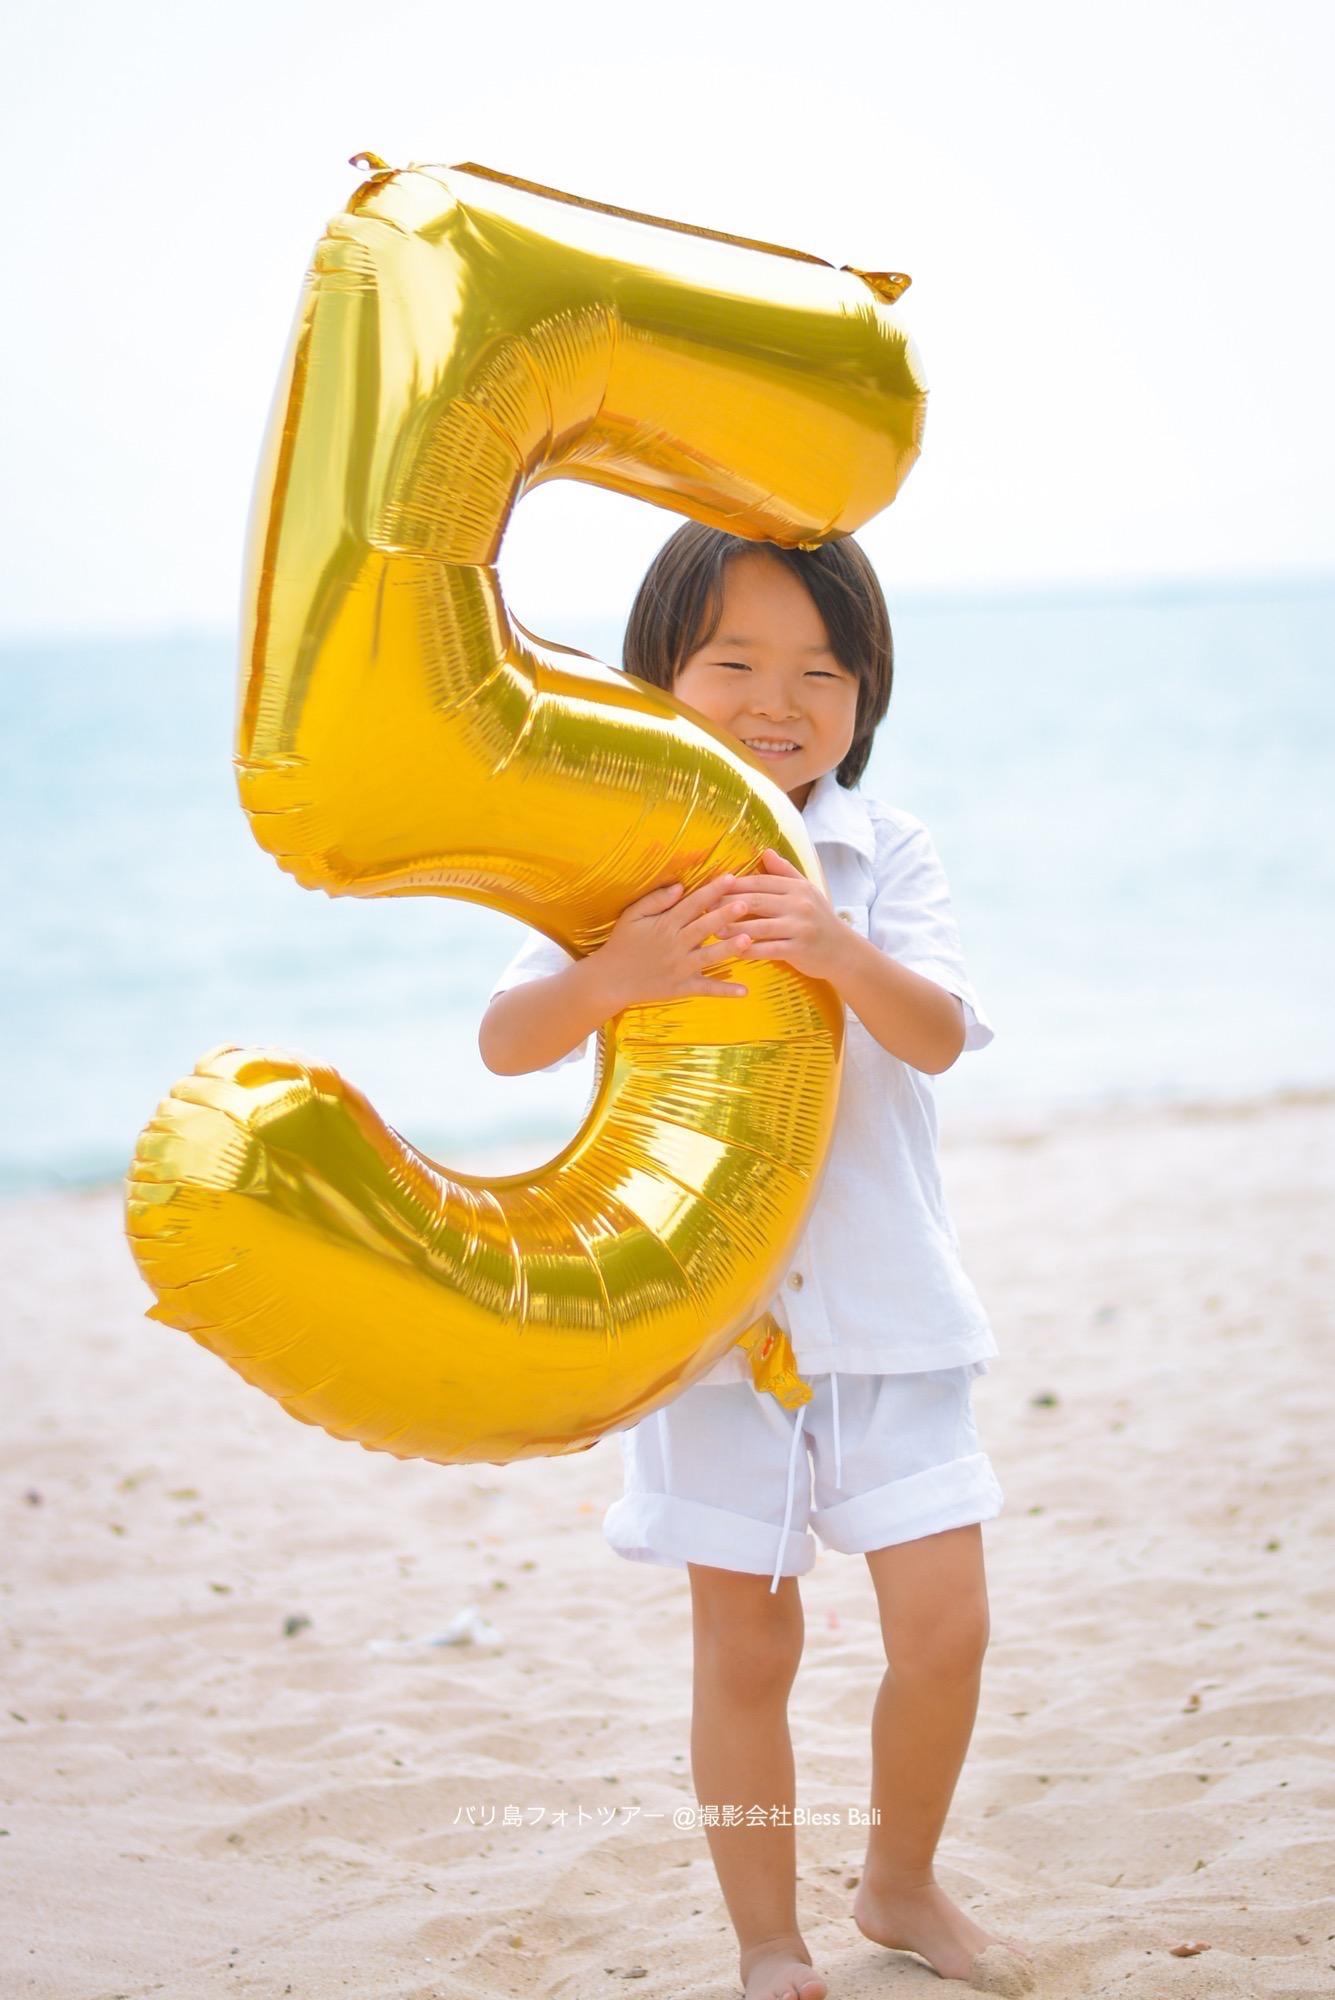 お子様の誕生日記念フォト